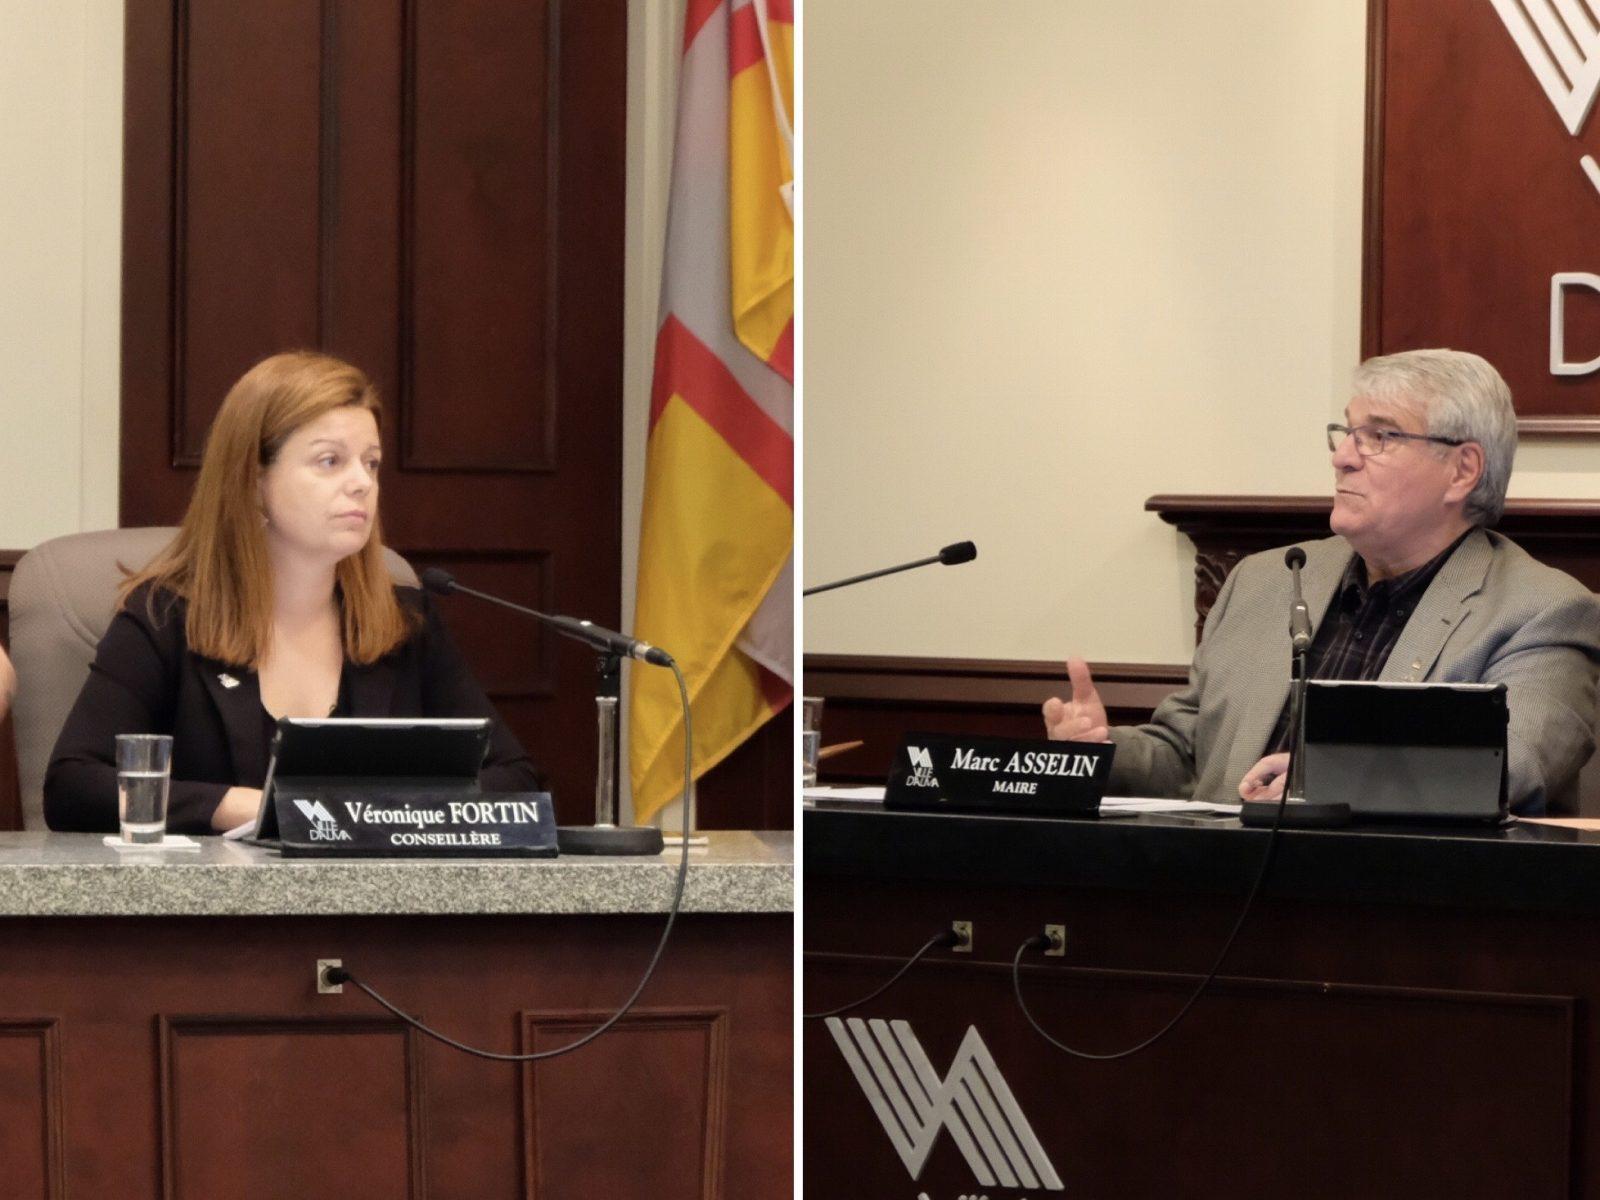 Divergence au conseil de ville d'Alma sur les projets industriels et énergétiques